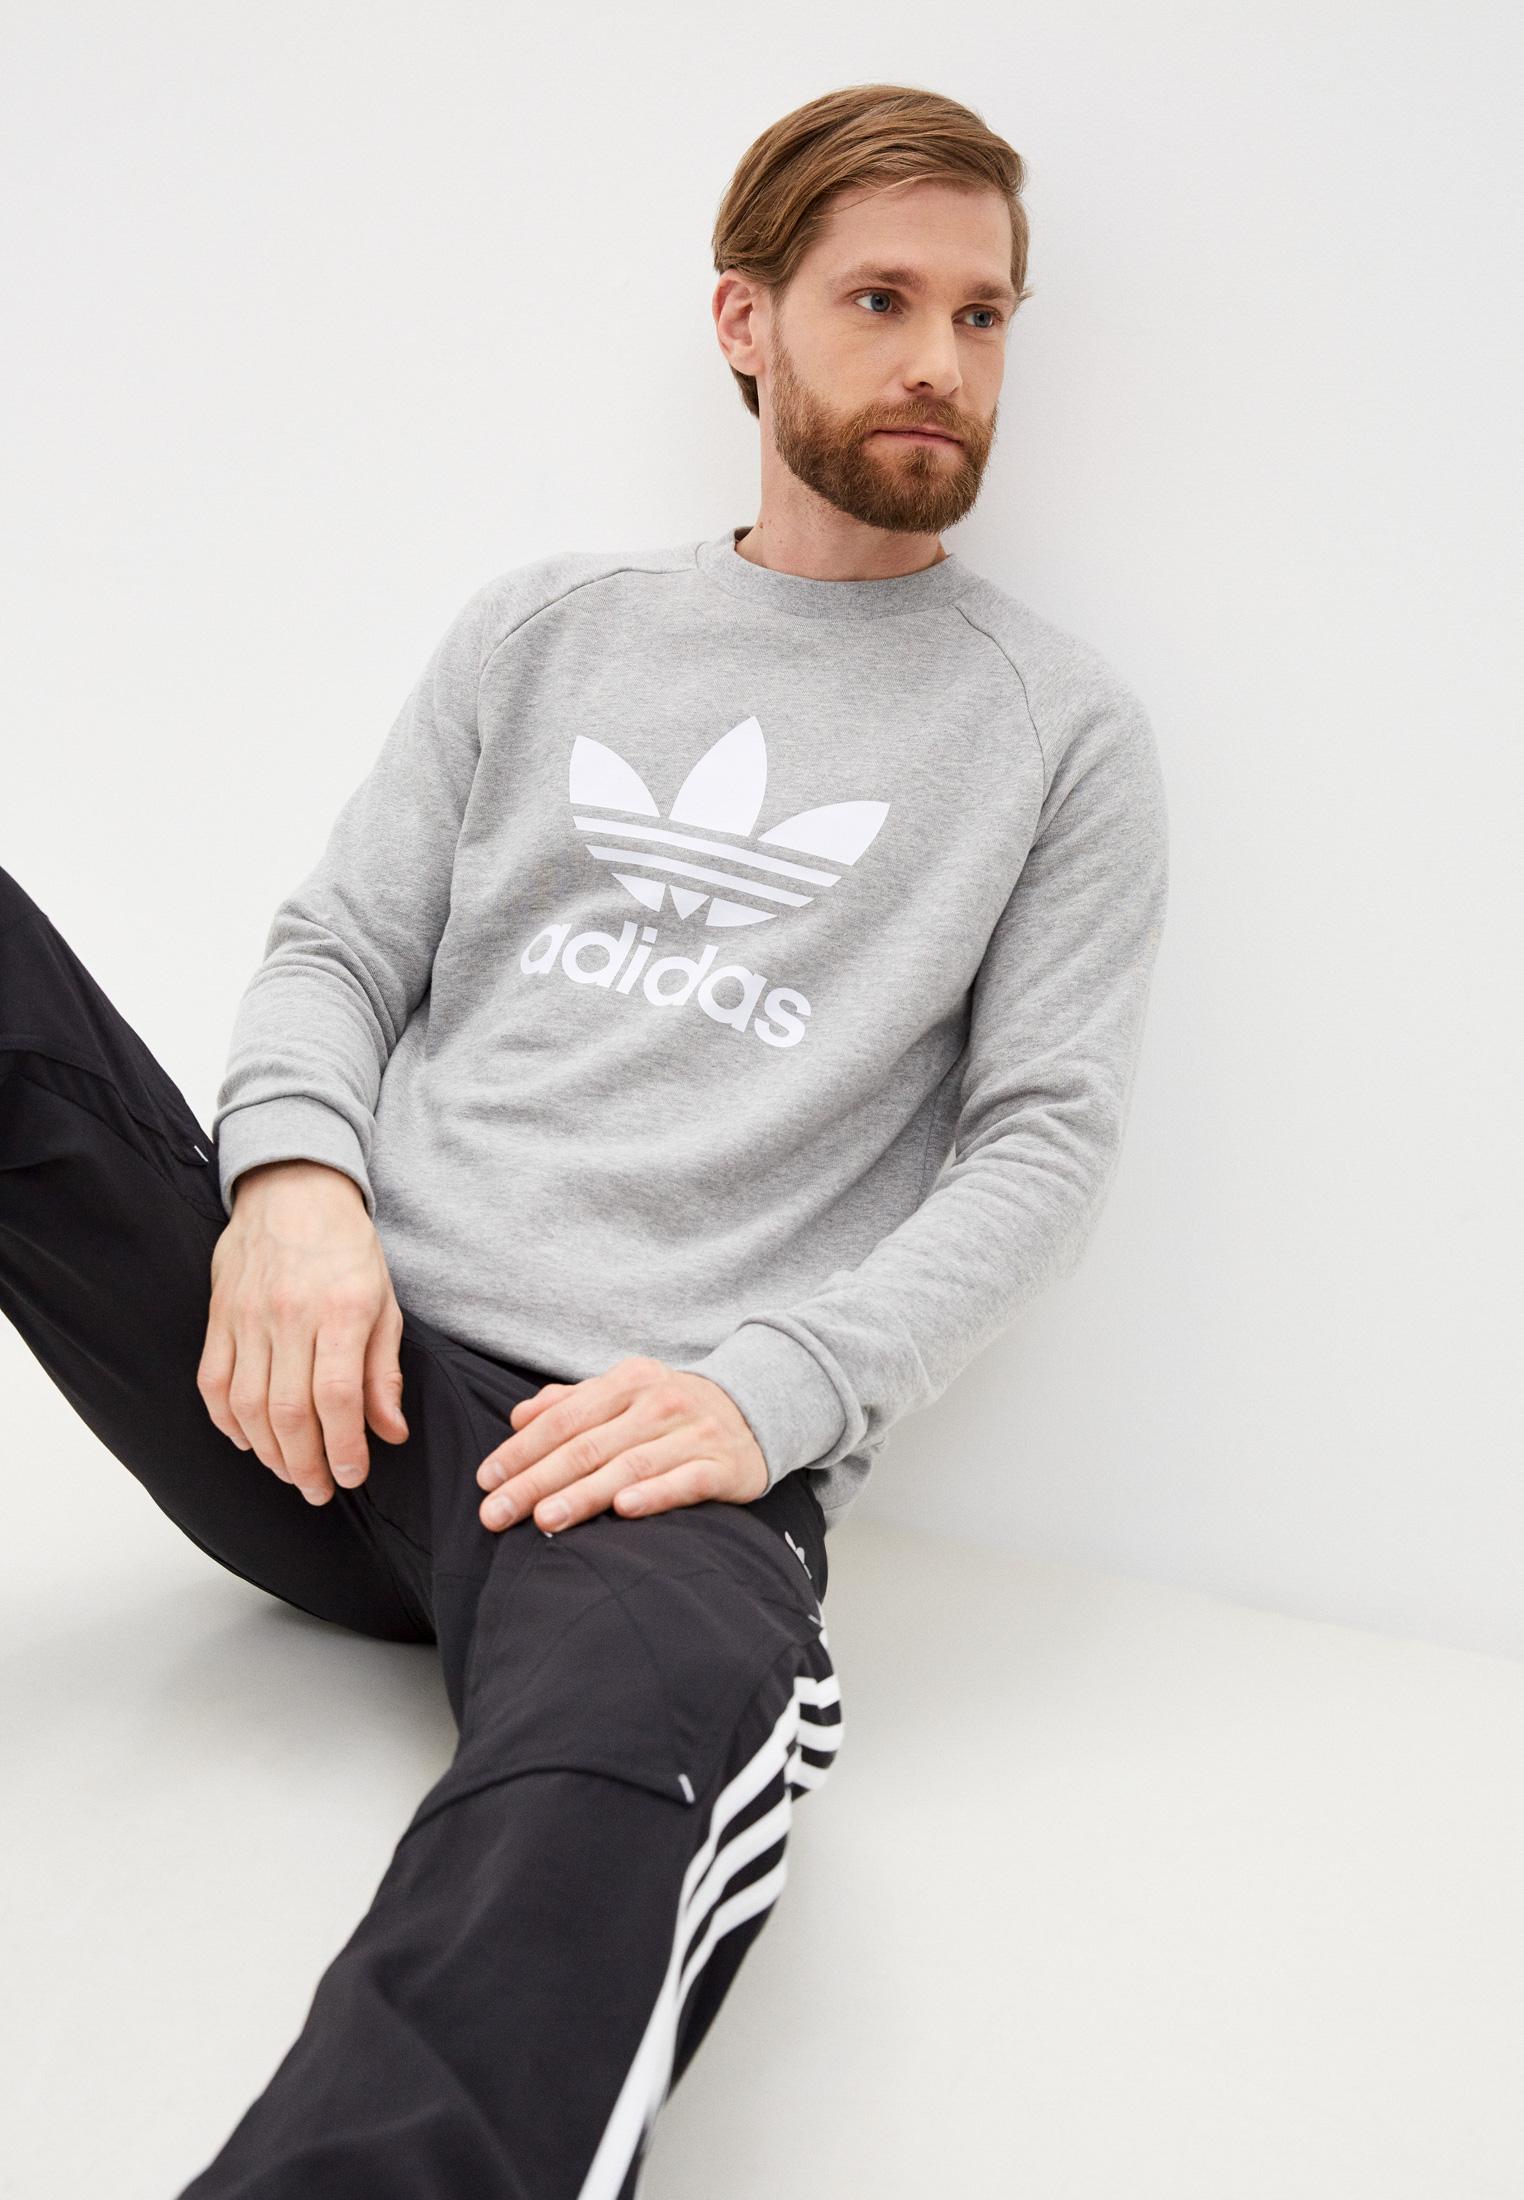 Толстовка Adidas Originals (Адидас Ориджиналс) Свитшот adidas Originals